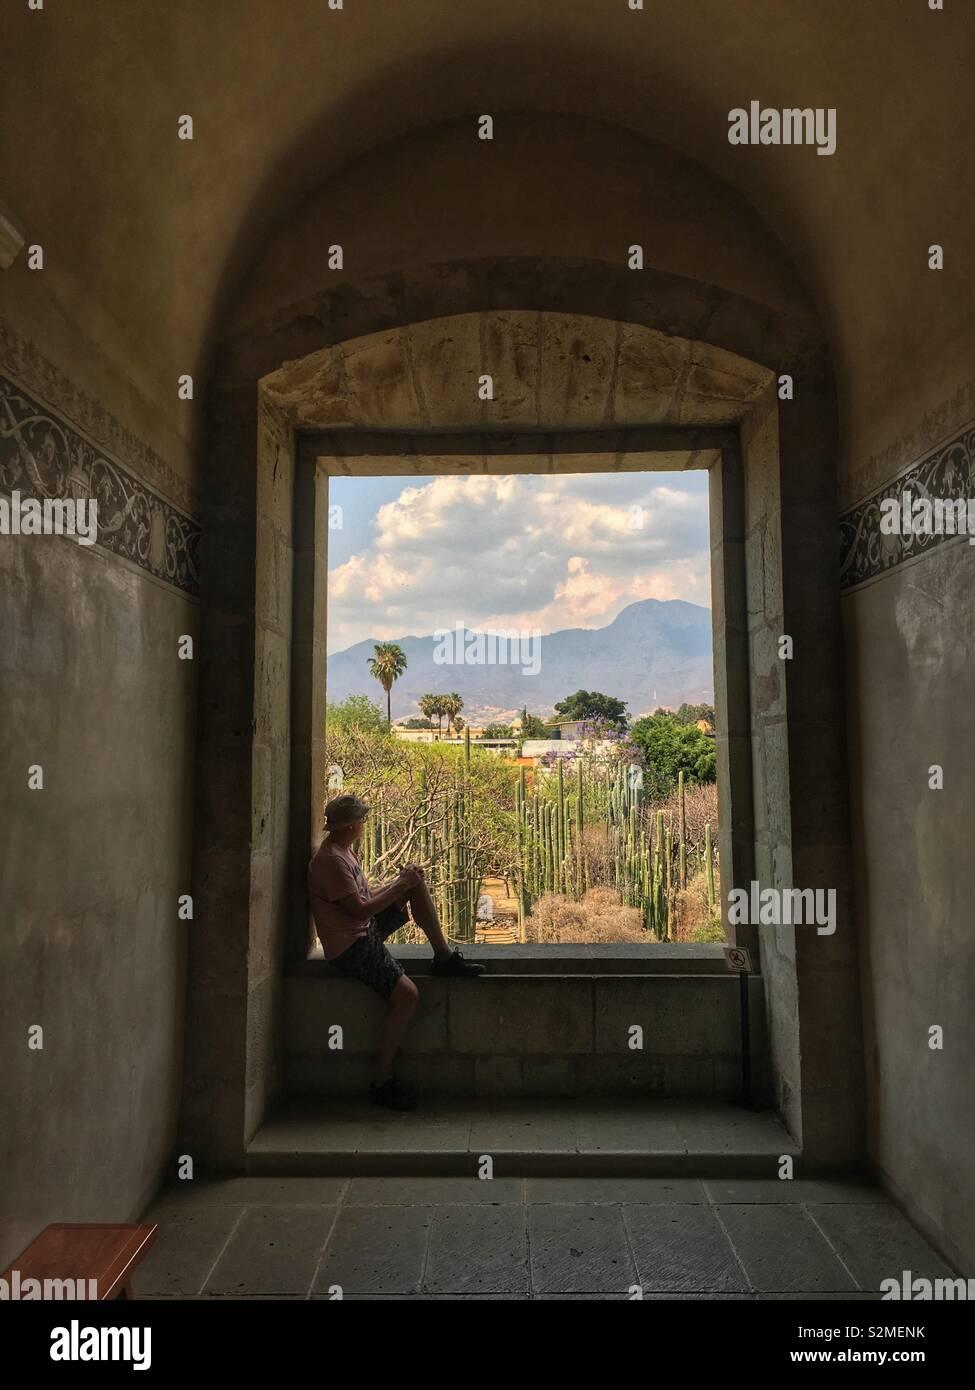 Mann ruht in Fenster mit Blick auf die Gärten des Museums der Kulturen von Oaxaca, Santo Domingo, Oaxaca City, Oaxaca, Mexiko Stockbild